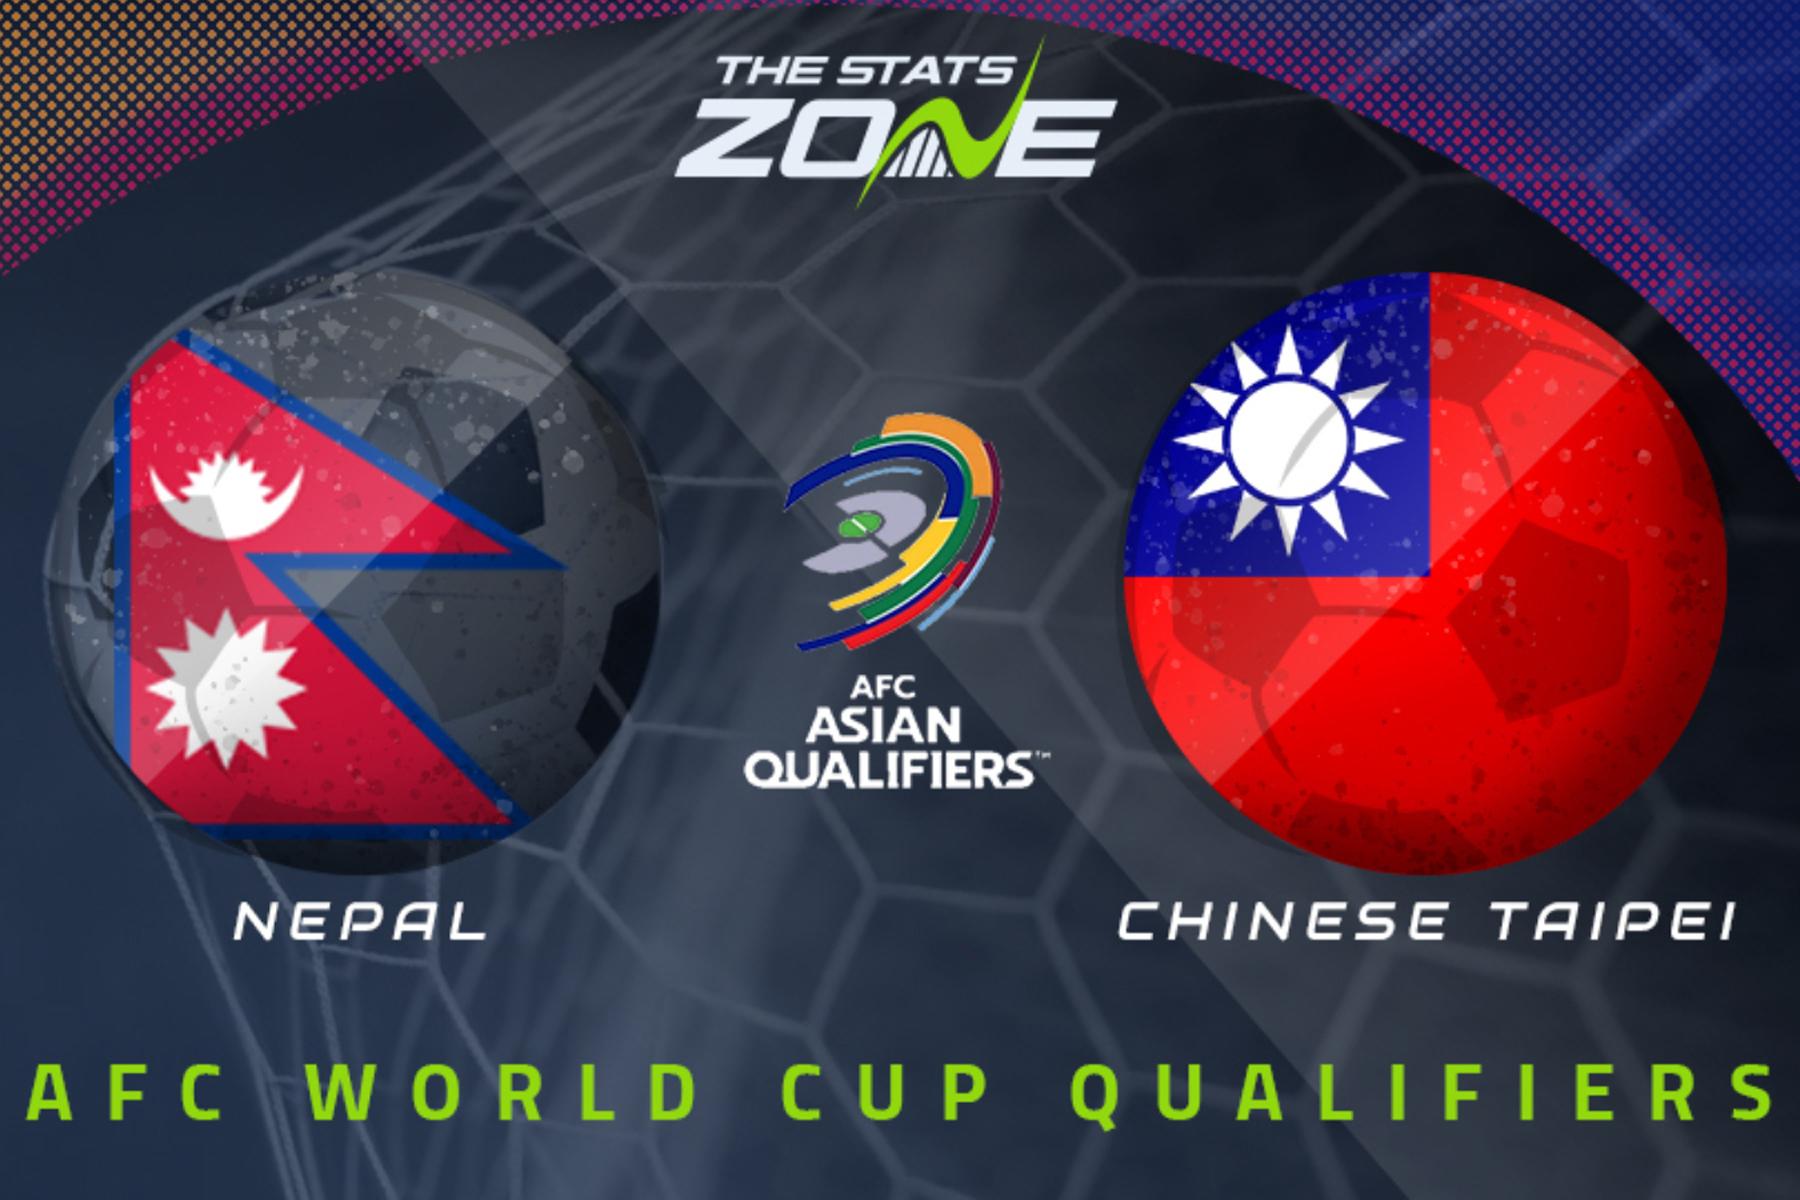 नेपाल र ताइपेईको म्याच आज हुदै : दुवै टिममा युवा र नयाँ खेलाडीहरू समावेश